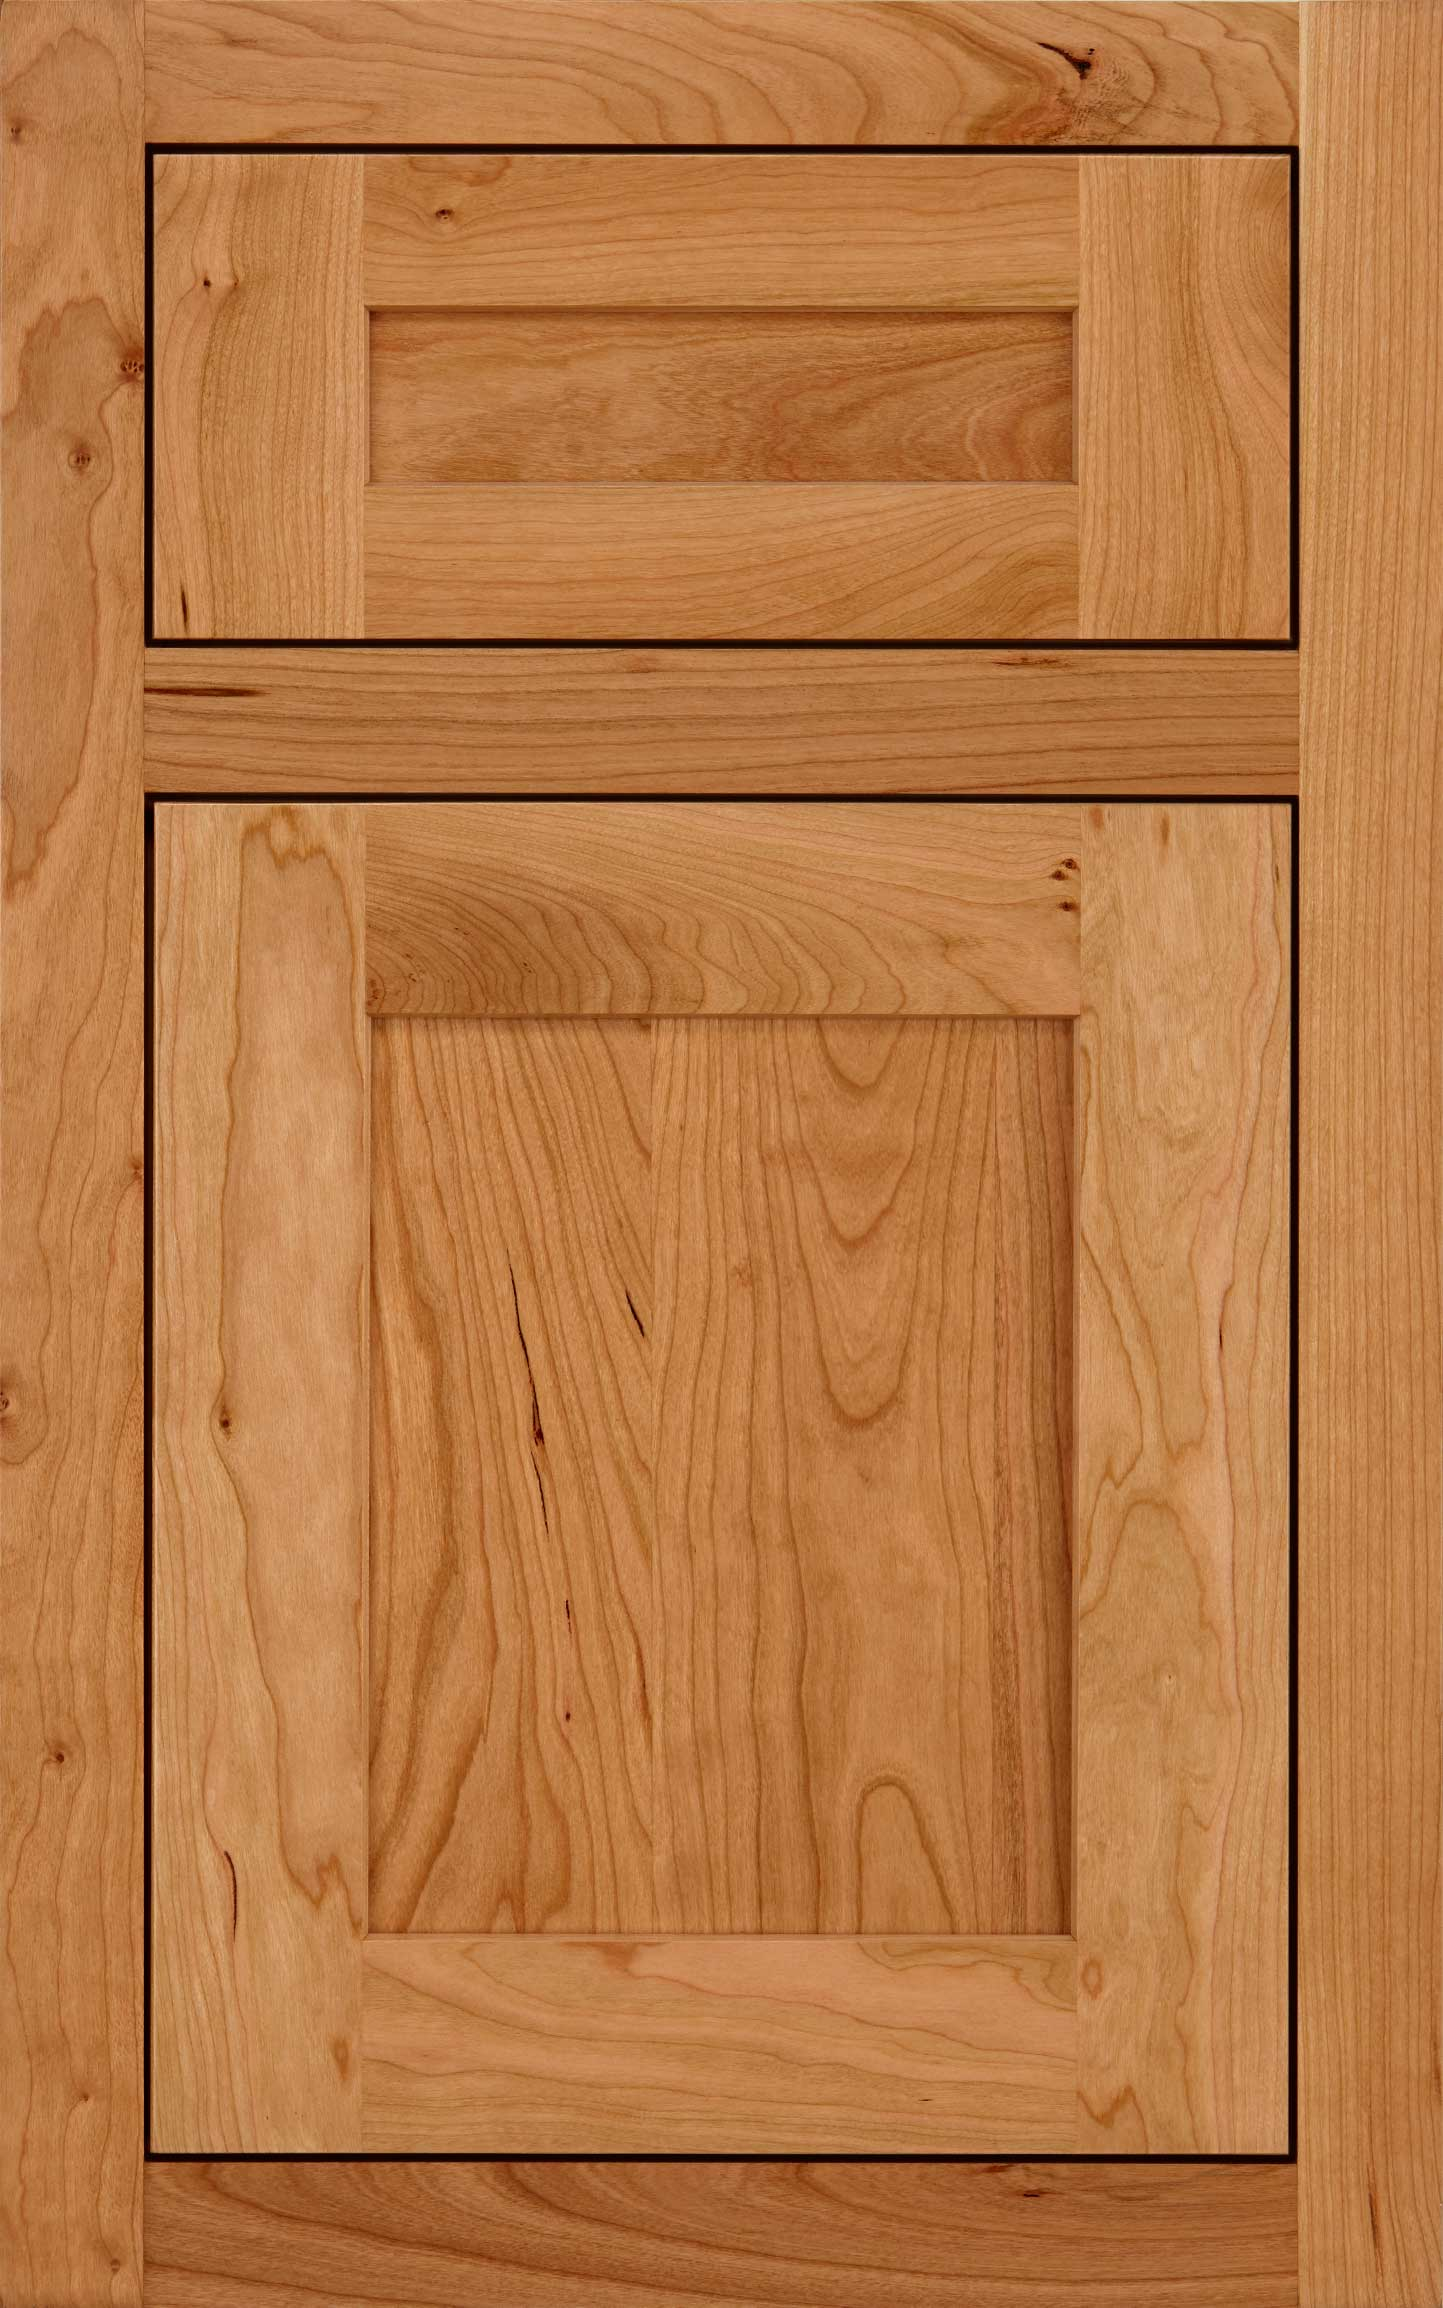 Bayside cabinet door in natural